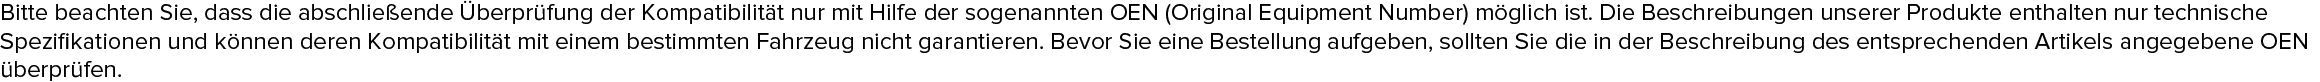 VALEO 138139, 6001546127, 7700414694, 7700418919, 7700840042 Sensor, Geschwindigkeit